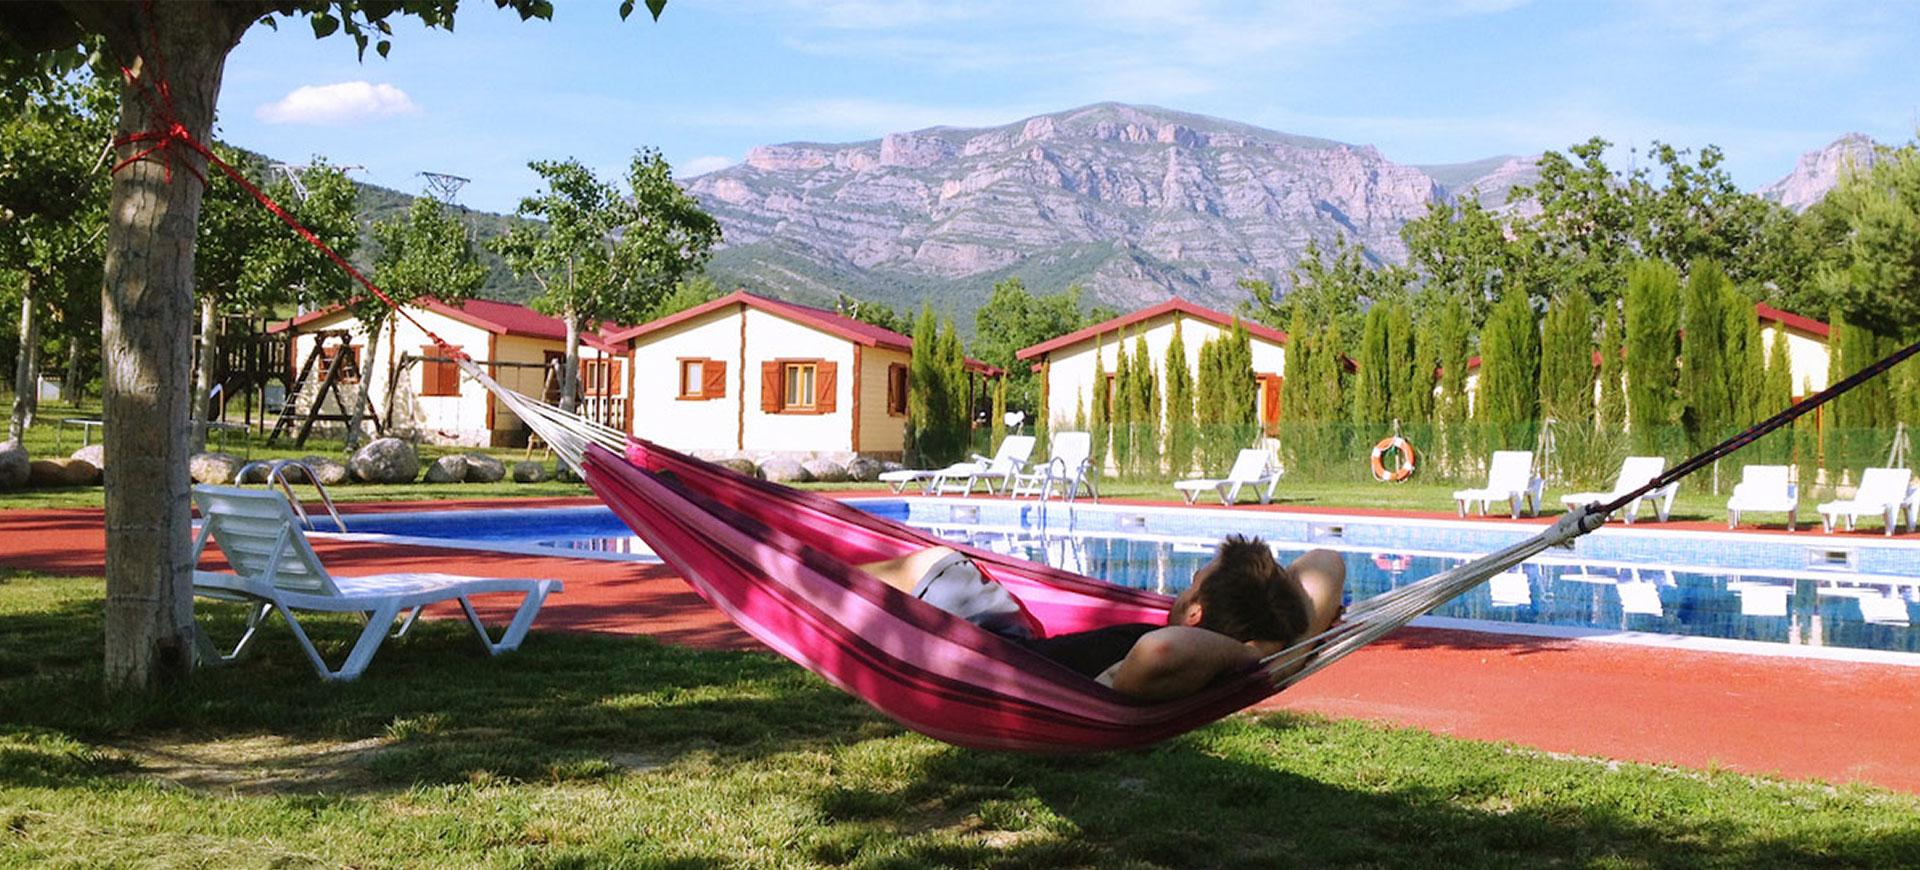 Kleine Campings In Nord Spanje Camping Isabena Spanish Pyrenees